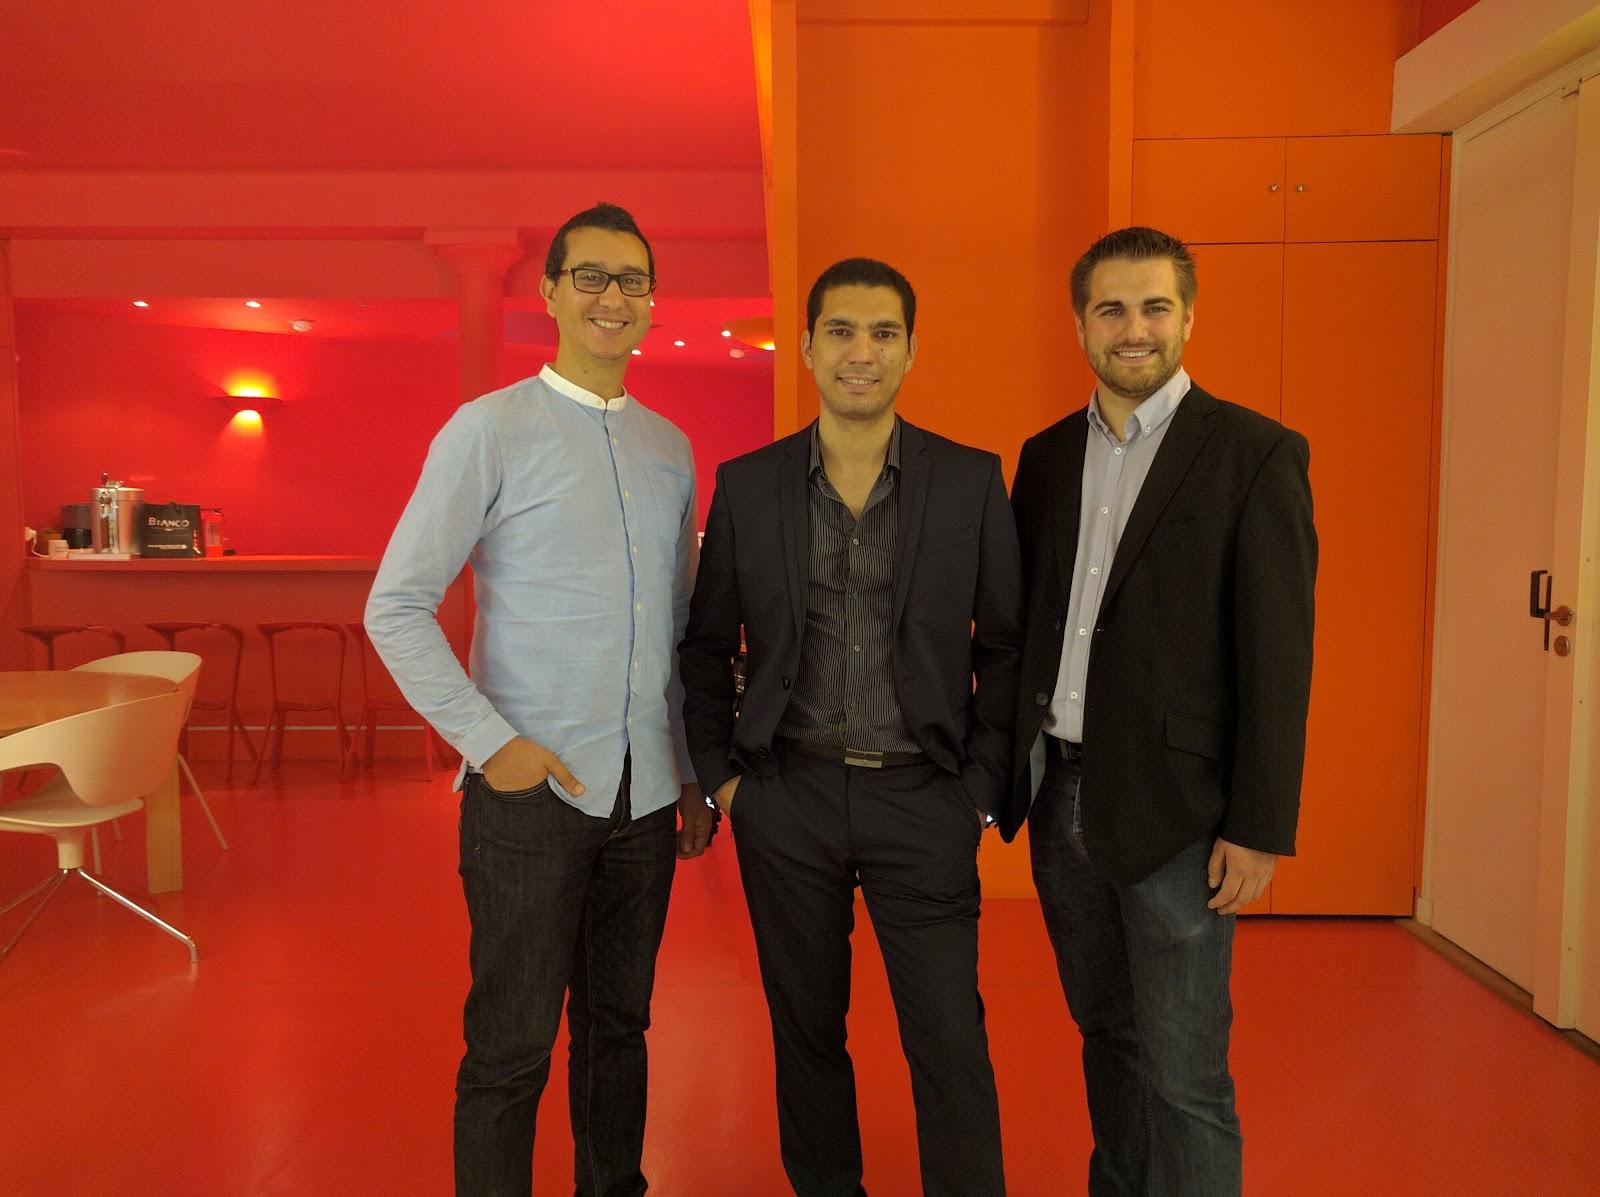 De g à d - Said El Haddati, Yassine Chabli et Quentin Georget, Cofondateurs de Beekast - Via Beekast